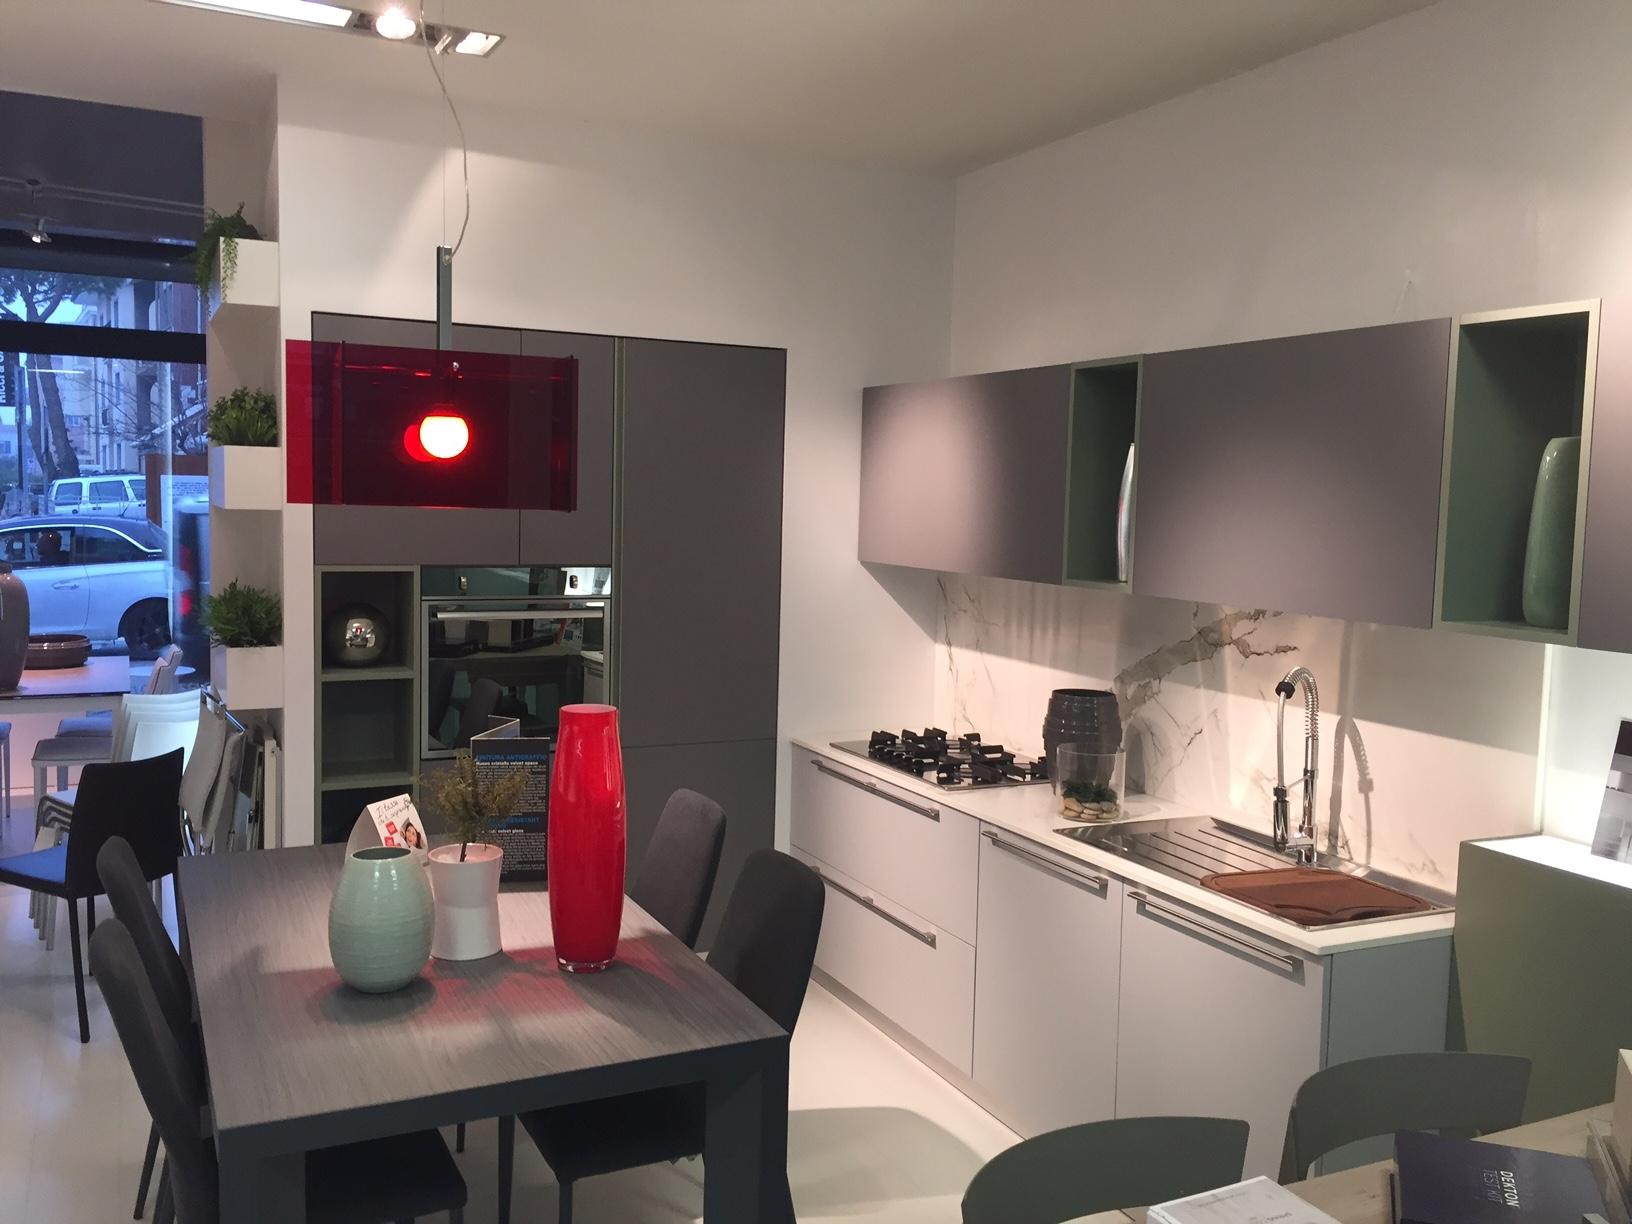 cucina moderna doimo cucine 2016. easy. doimo cucine catalogo 2016 ...